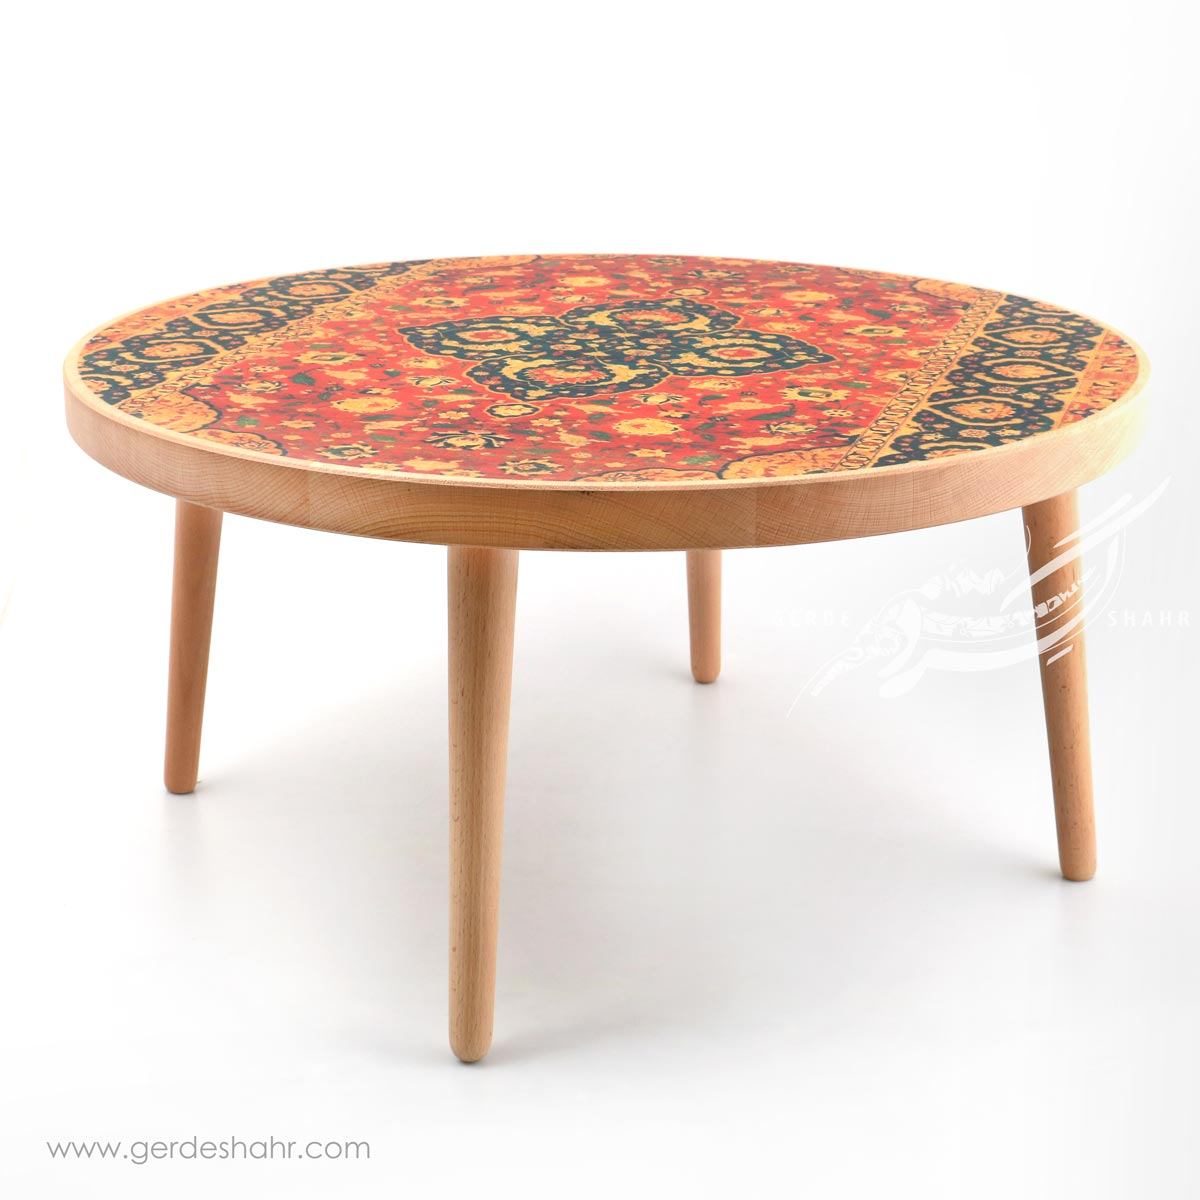 میز بزرگ رویای بهشت کاشان کارمان محصولات